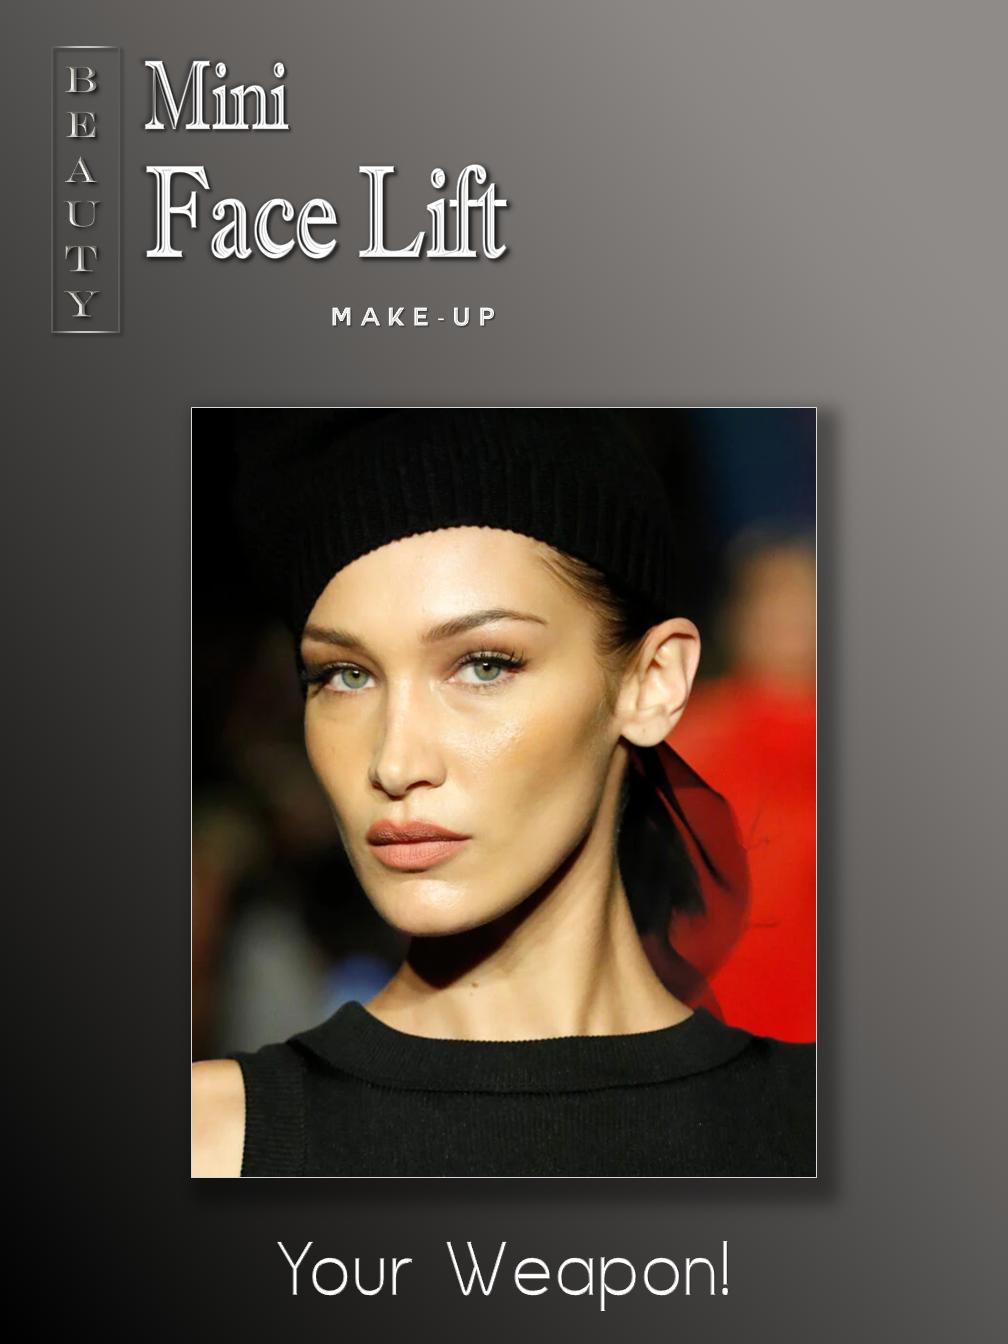 Mini Face Lift